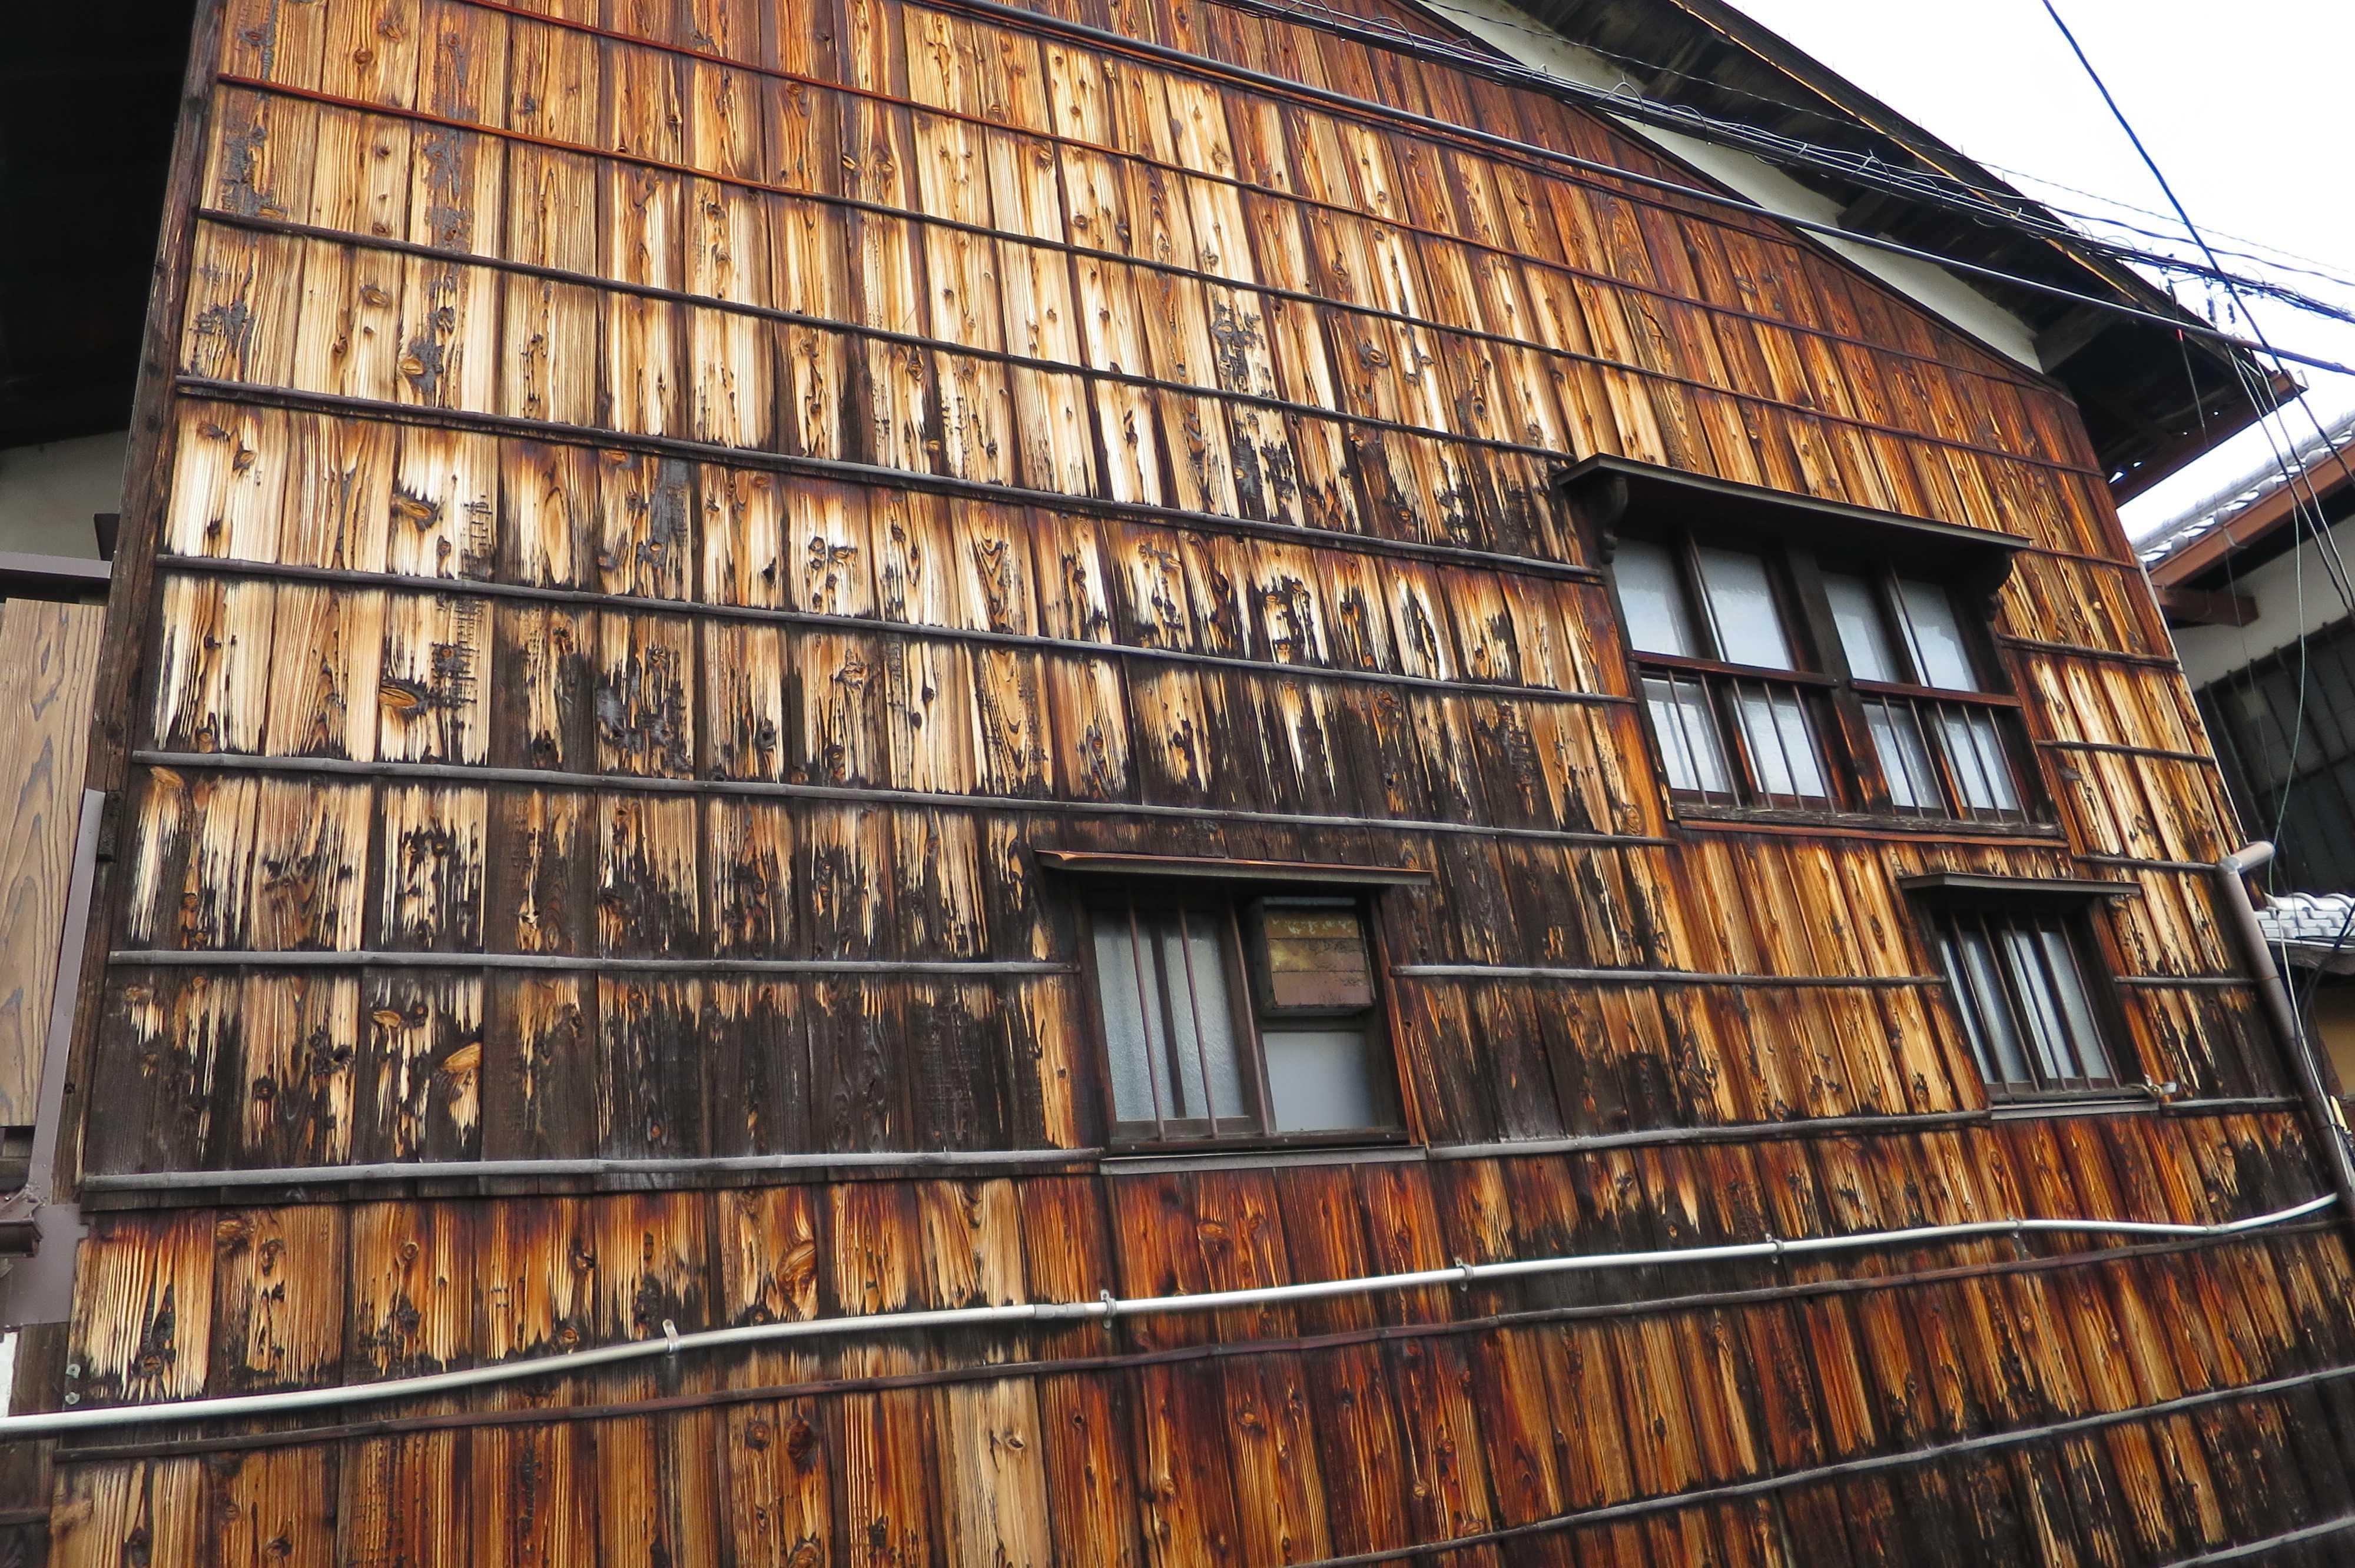 京都・五条楽園 - 眼科外科医療歴史博物館(杉板の家)